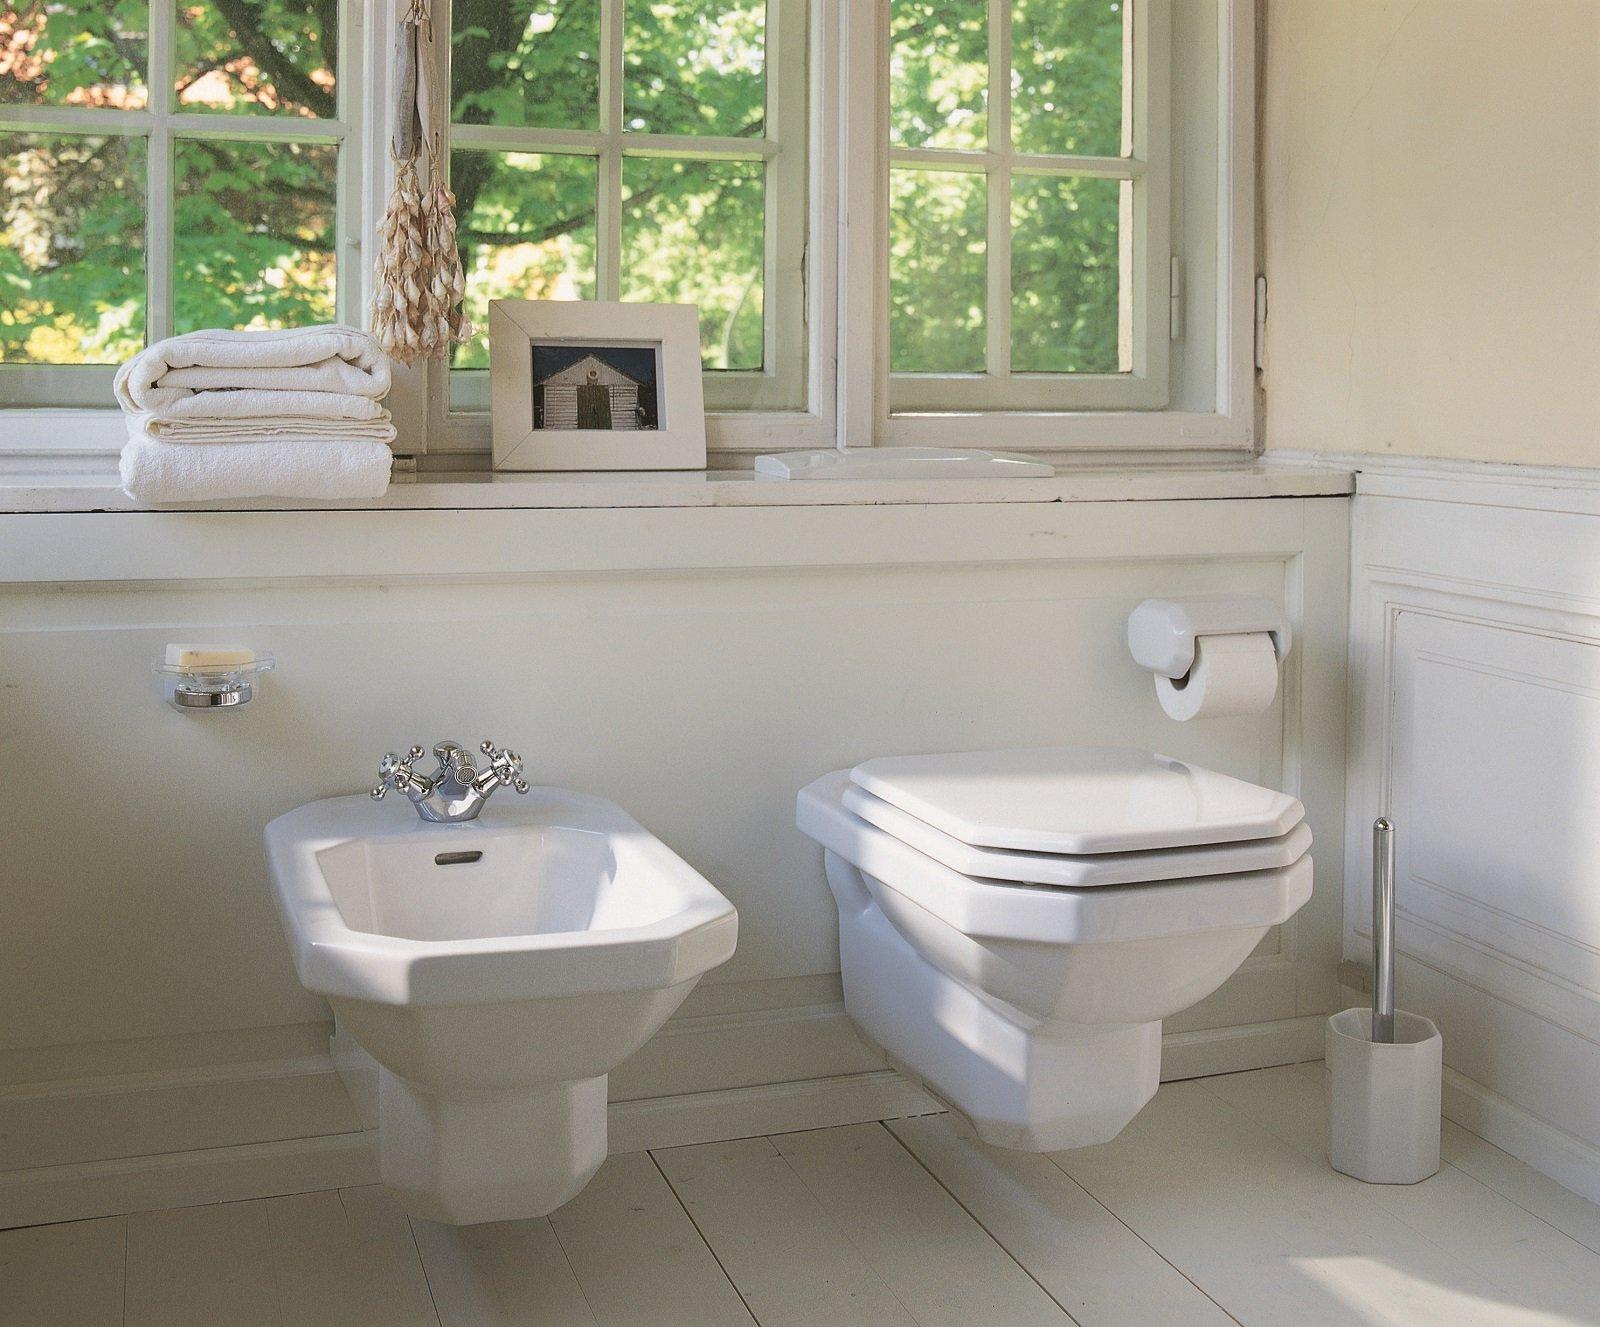 Bagno Stile Romantico : Realizzare un raffinato ambiente bagno di gusto romantico e retrò